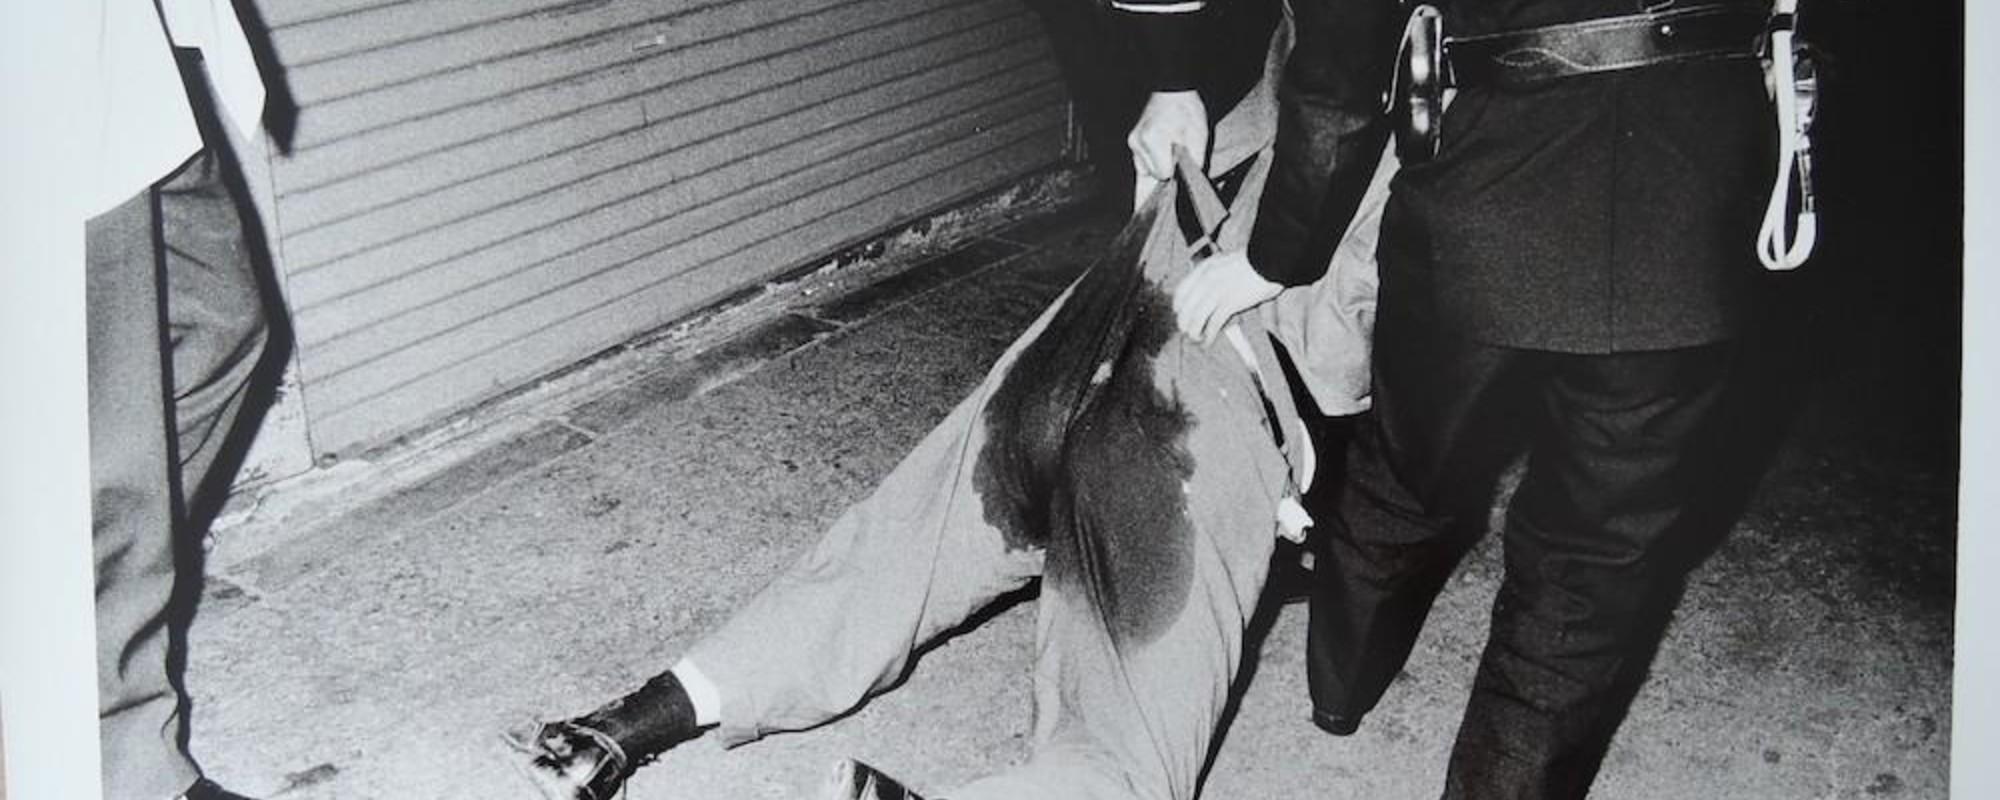 Crudas fotografías callejeras de Tokio en los 70 y 80